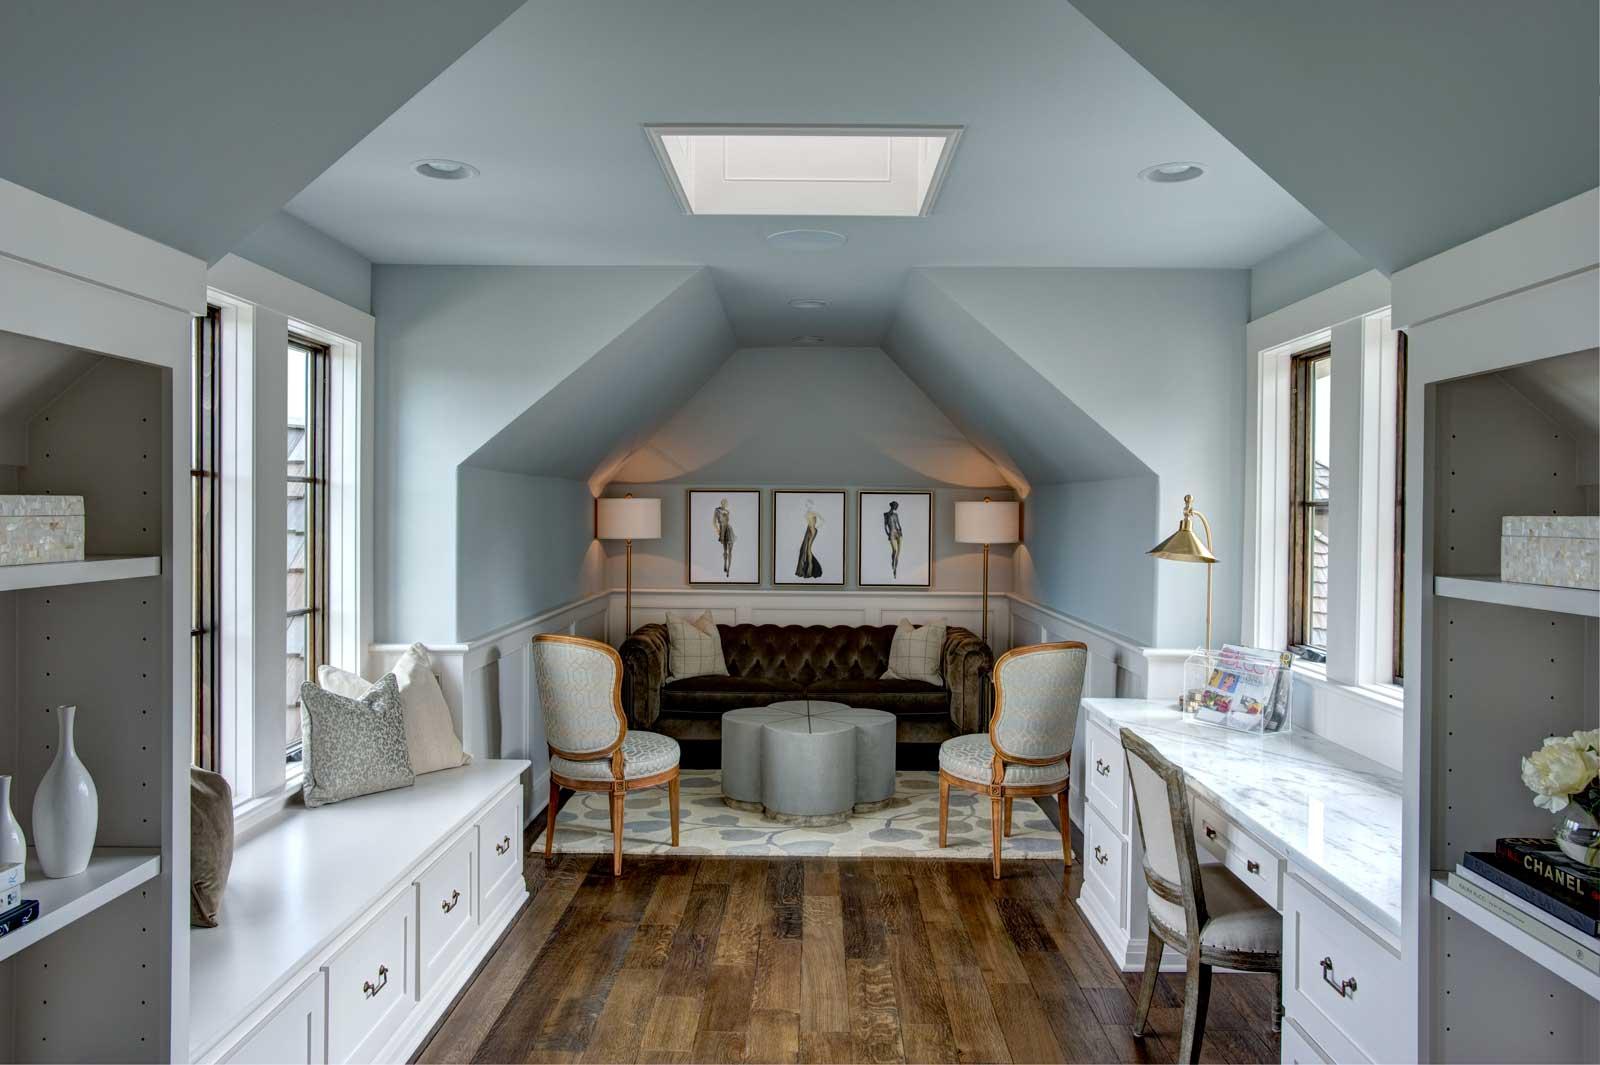 Groover Interior Desigg Overland Park Custom Design Kansas City Entry Bathroom